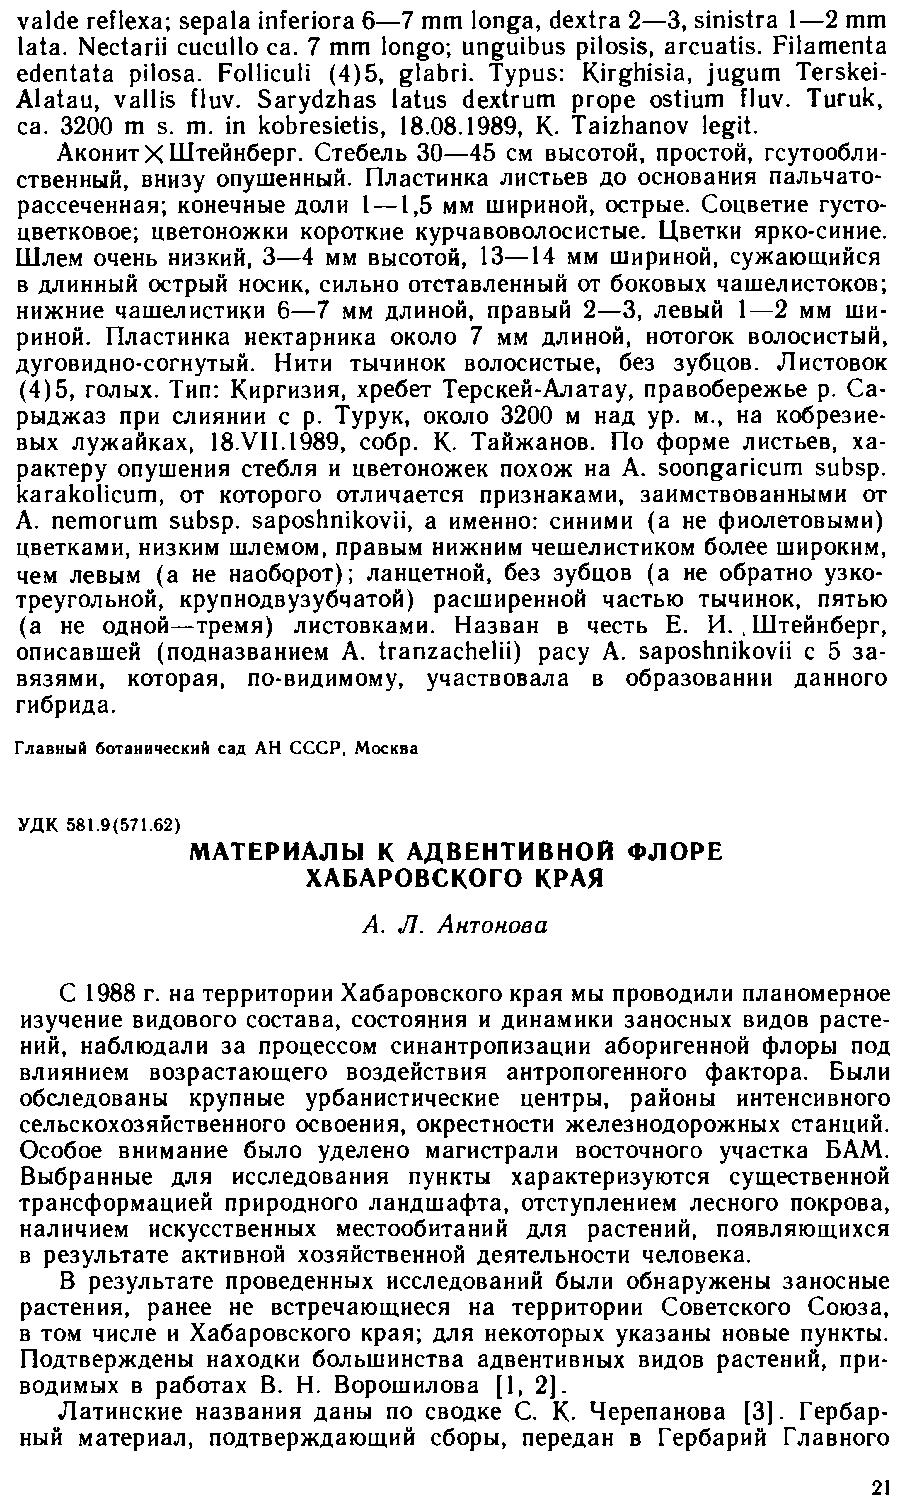 https://forum.plantarium.ru/misc.php?action=pun_attachment&item=30231